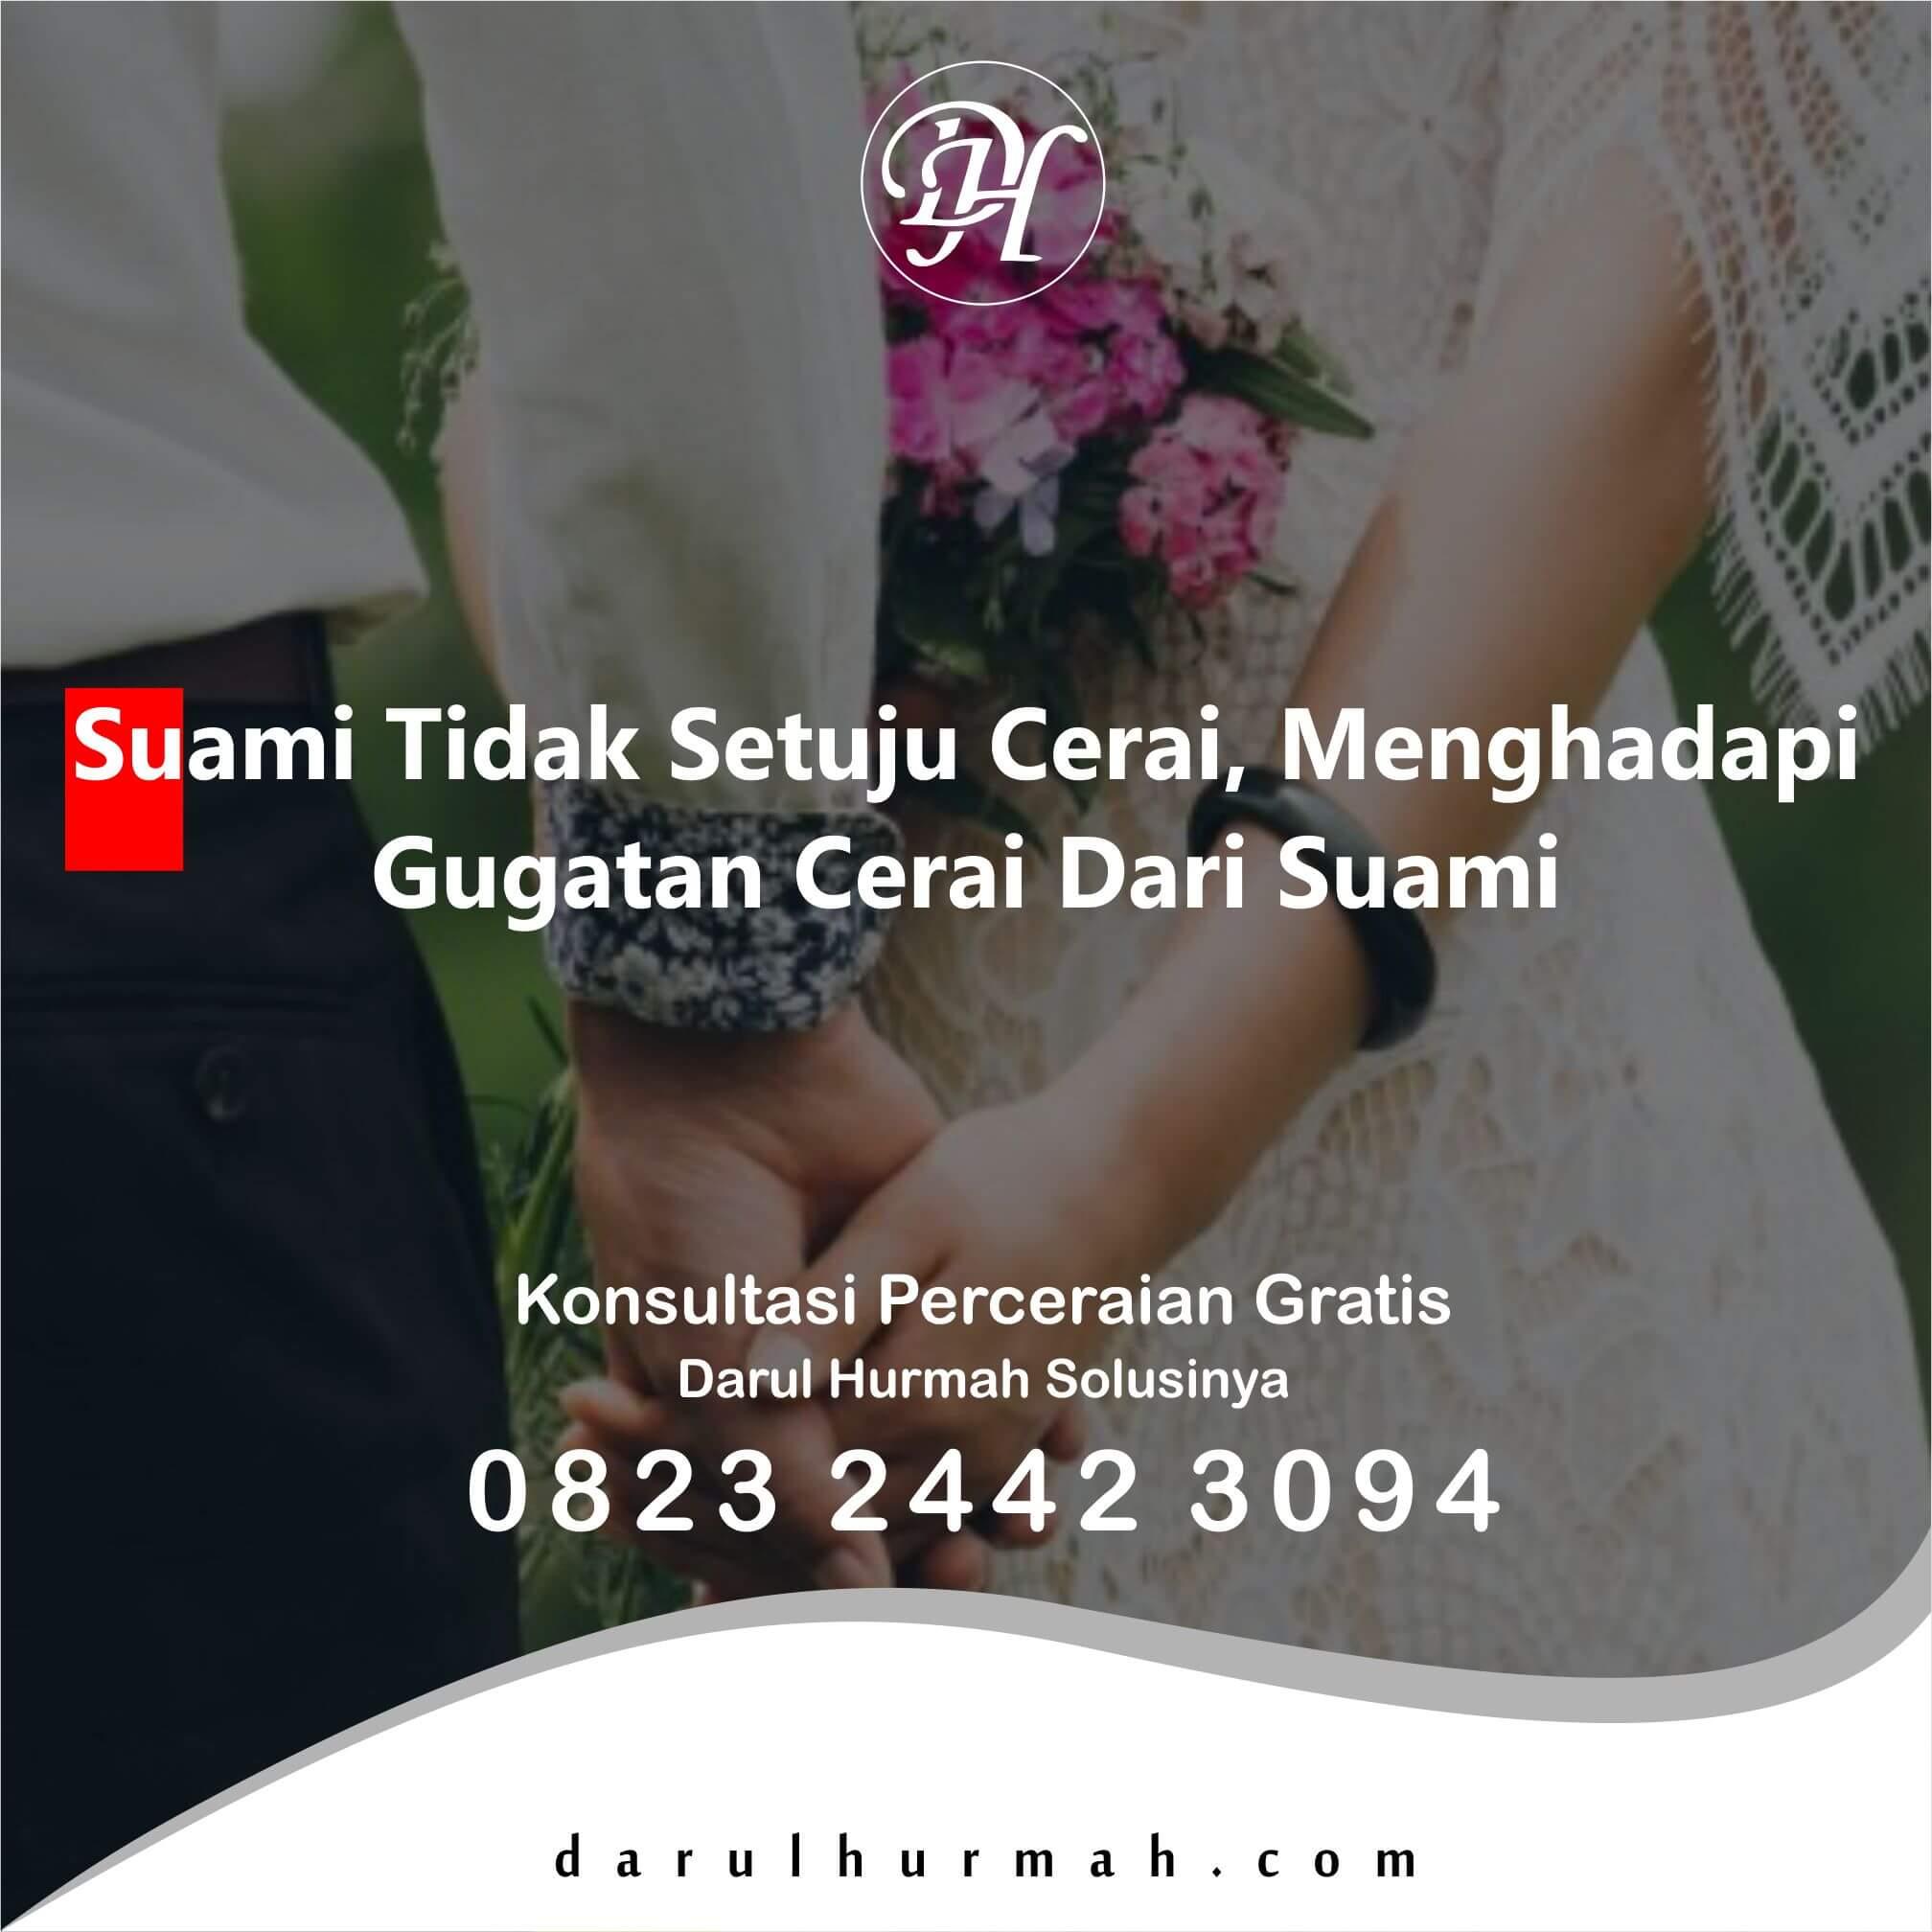 Suami Tidak Setuju Cerai, Menghadapi Gugatan Cerai Dari Suami